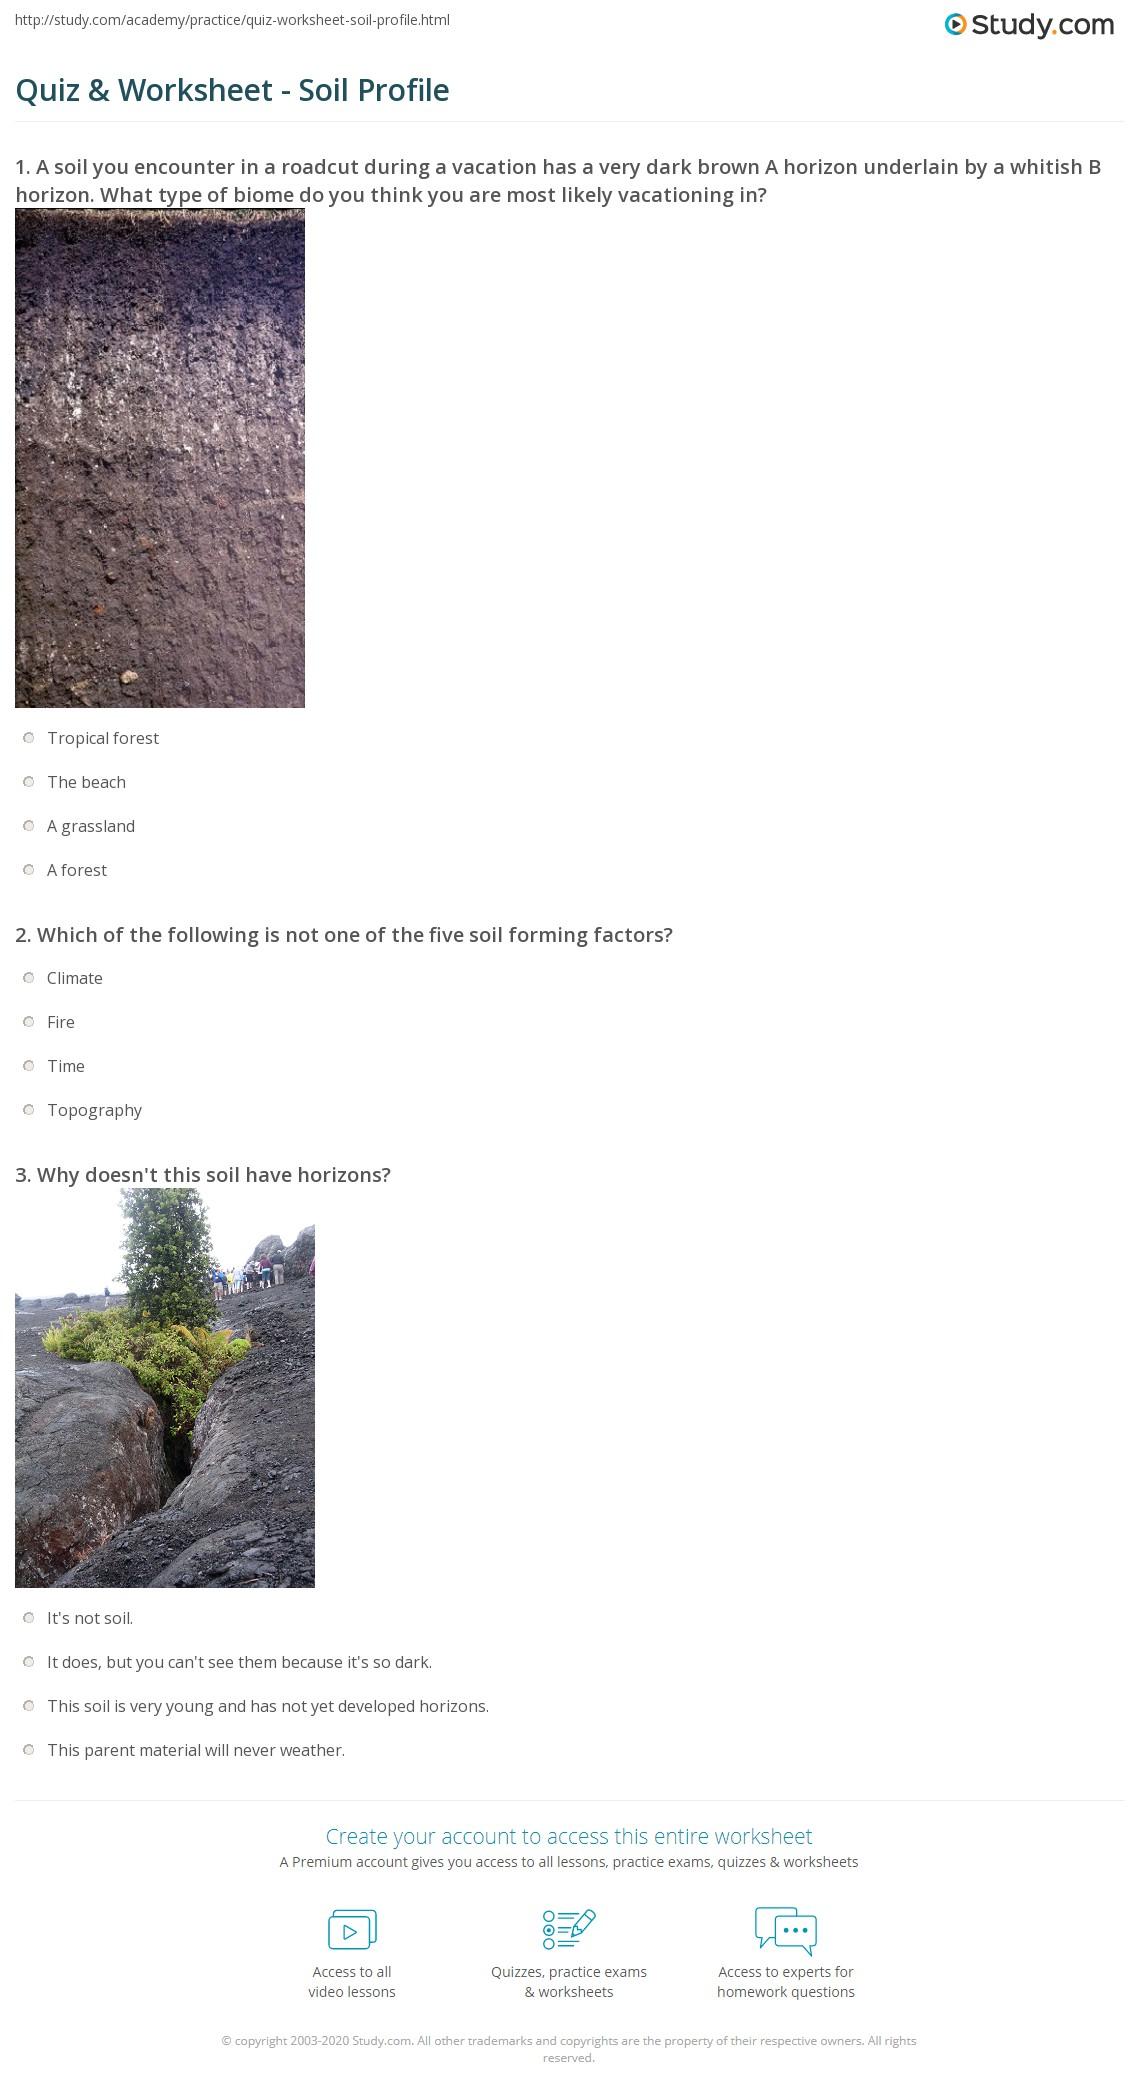 Quiz W Ksheet Il Profile Study